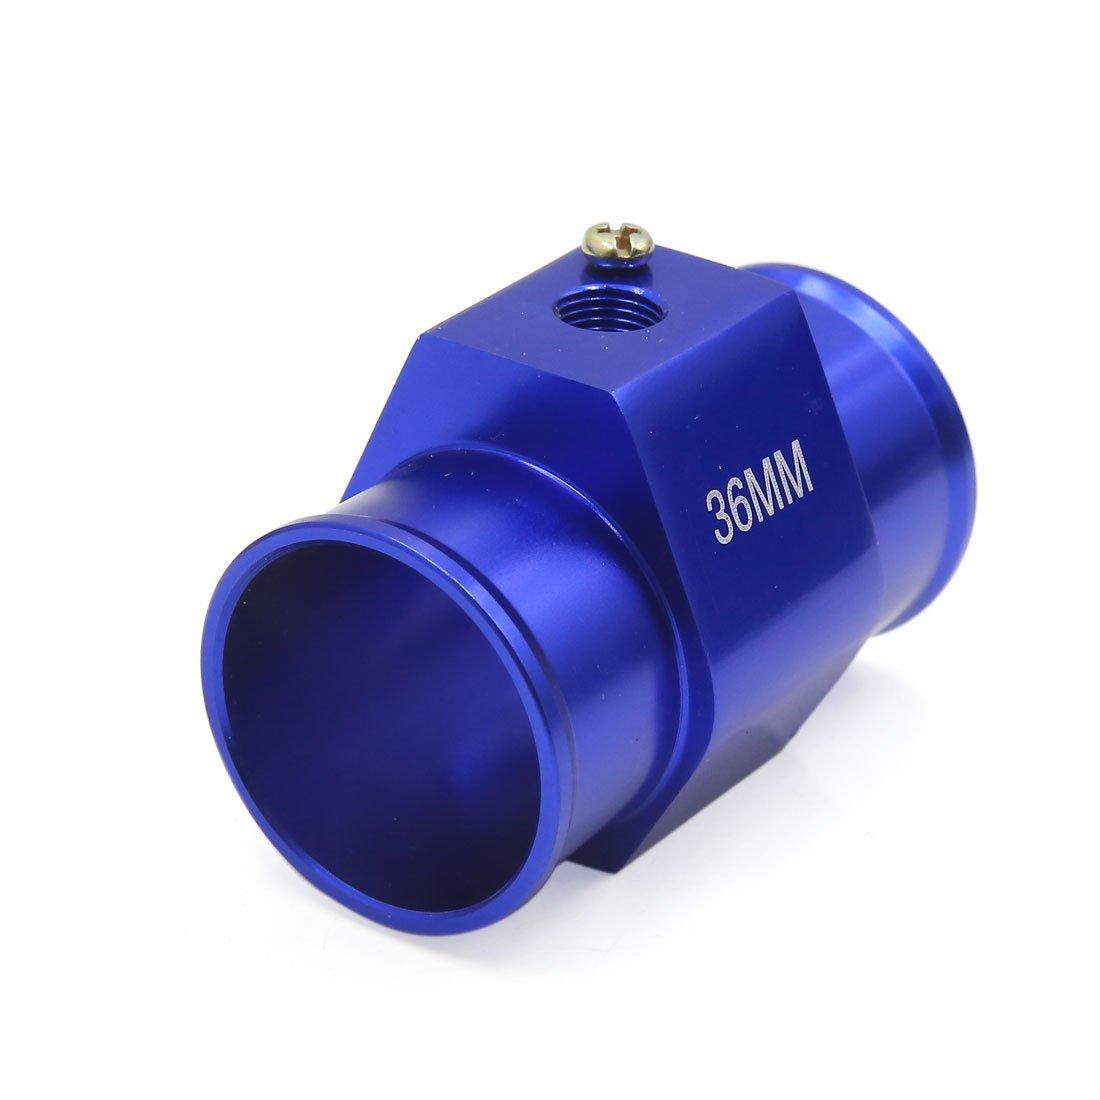 sourcing map 36mm Temperatura Acqua tubazione Comune indicatore sensore Tubo Flessibile radiatore Adattatore per Auto